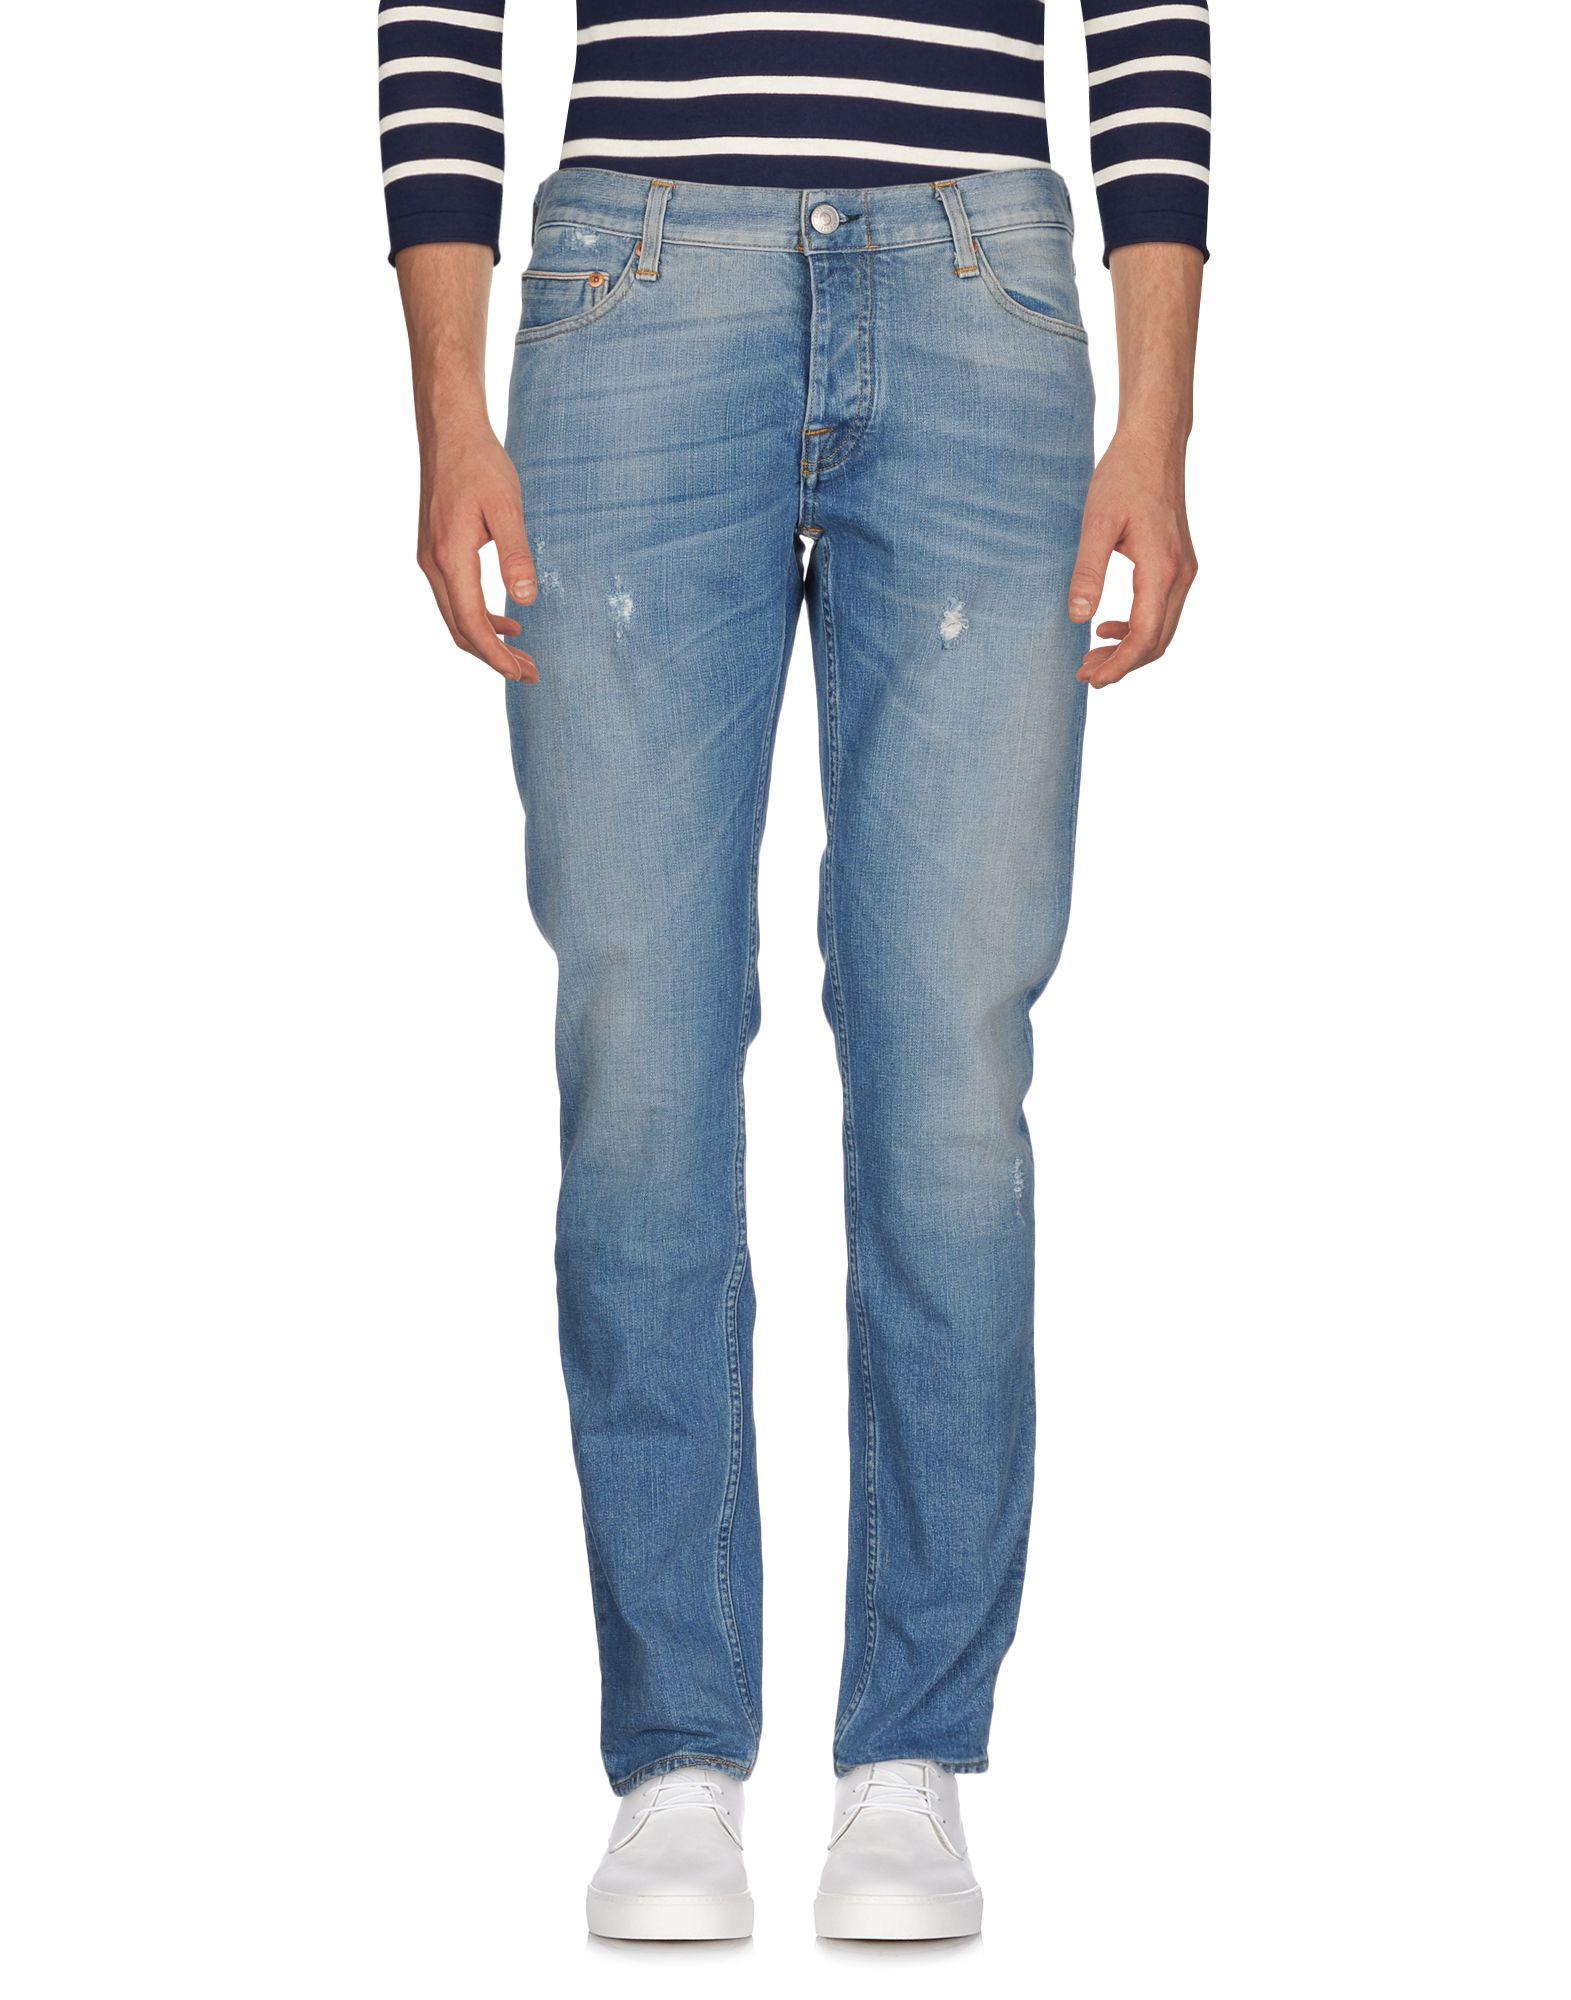 Pantaloni Pantaloni Pantaloni Jeans Care Label Uomo - 42649024LM 2f1bca